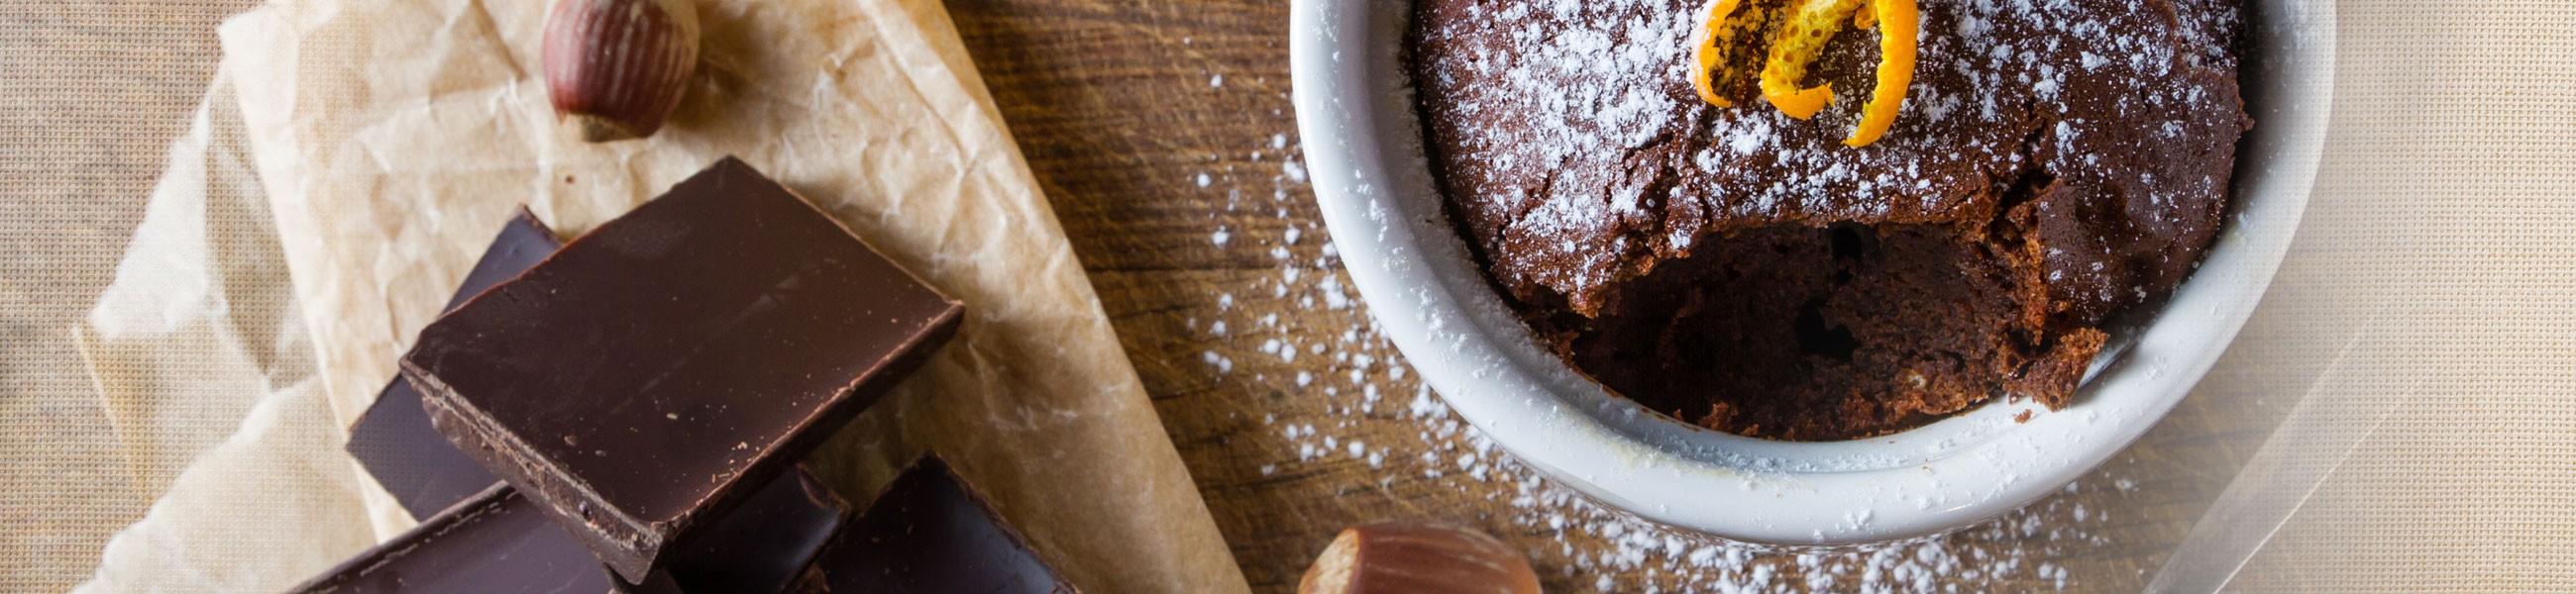 Chocolats et gâteaux